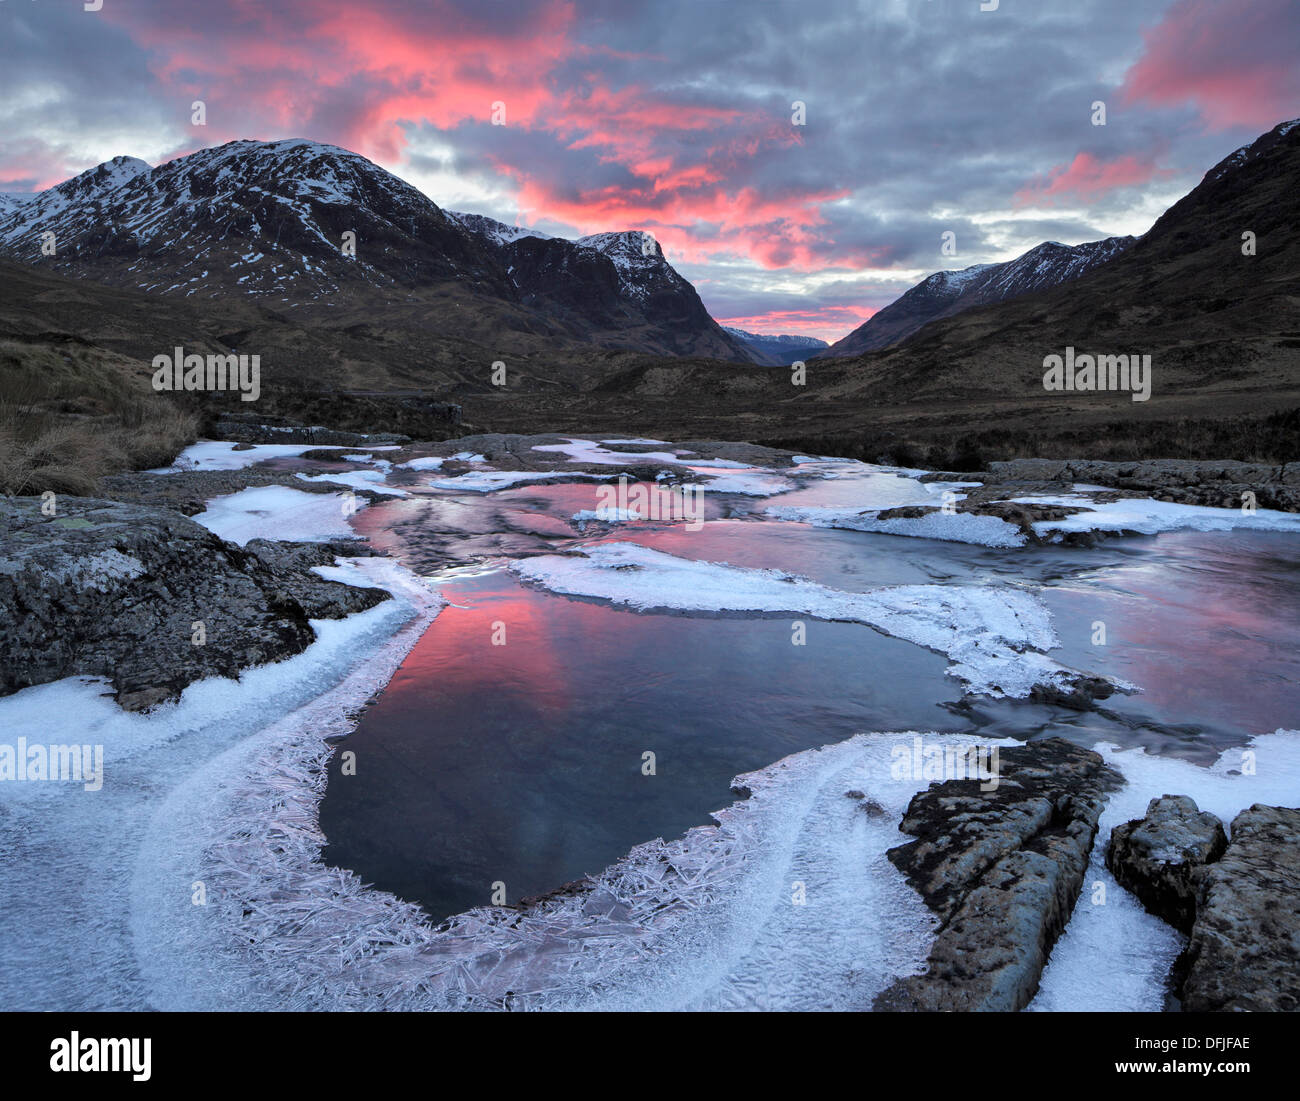 Hiver coucher de soleil sur le Col de Glencoe dans les Highlands d'Ecosse Photo Stock